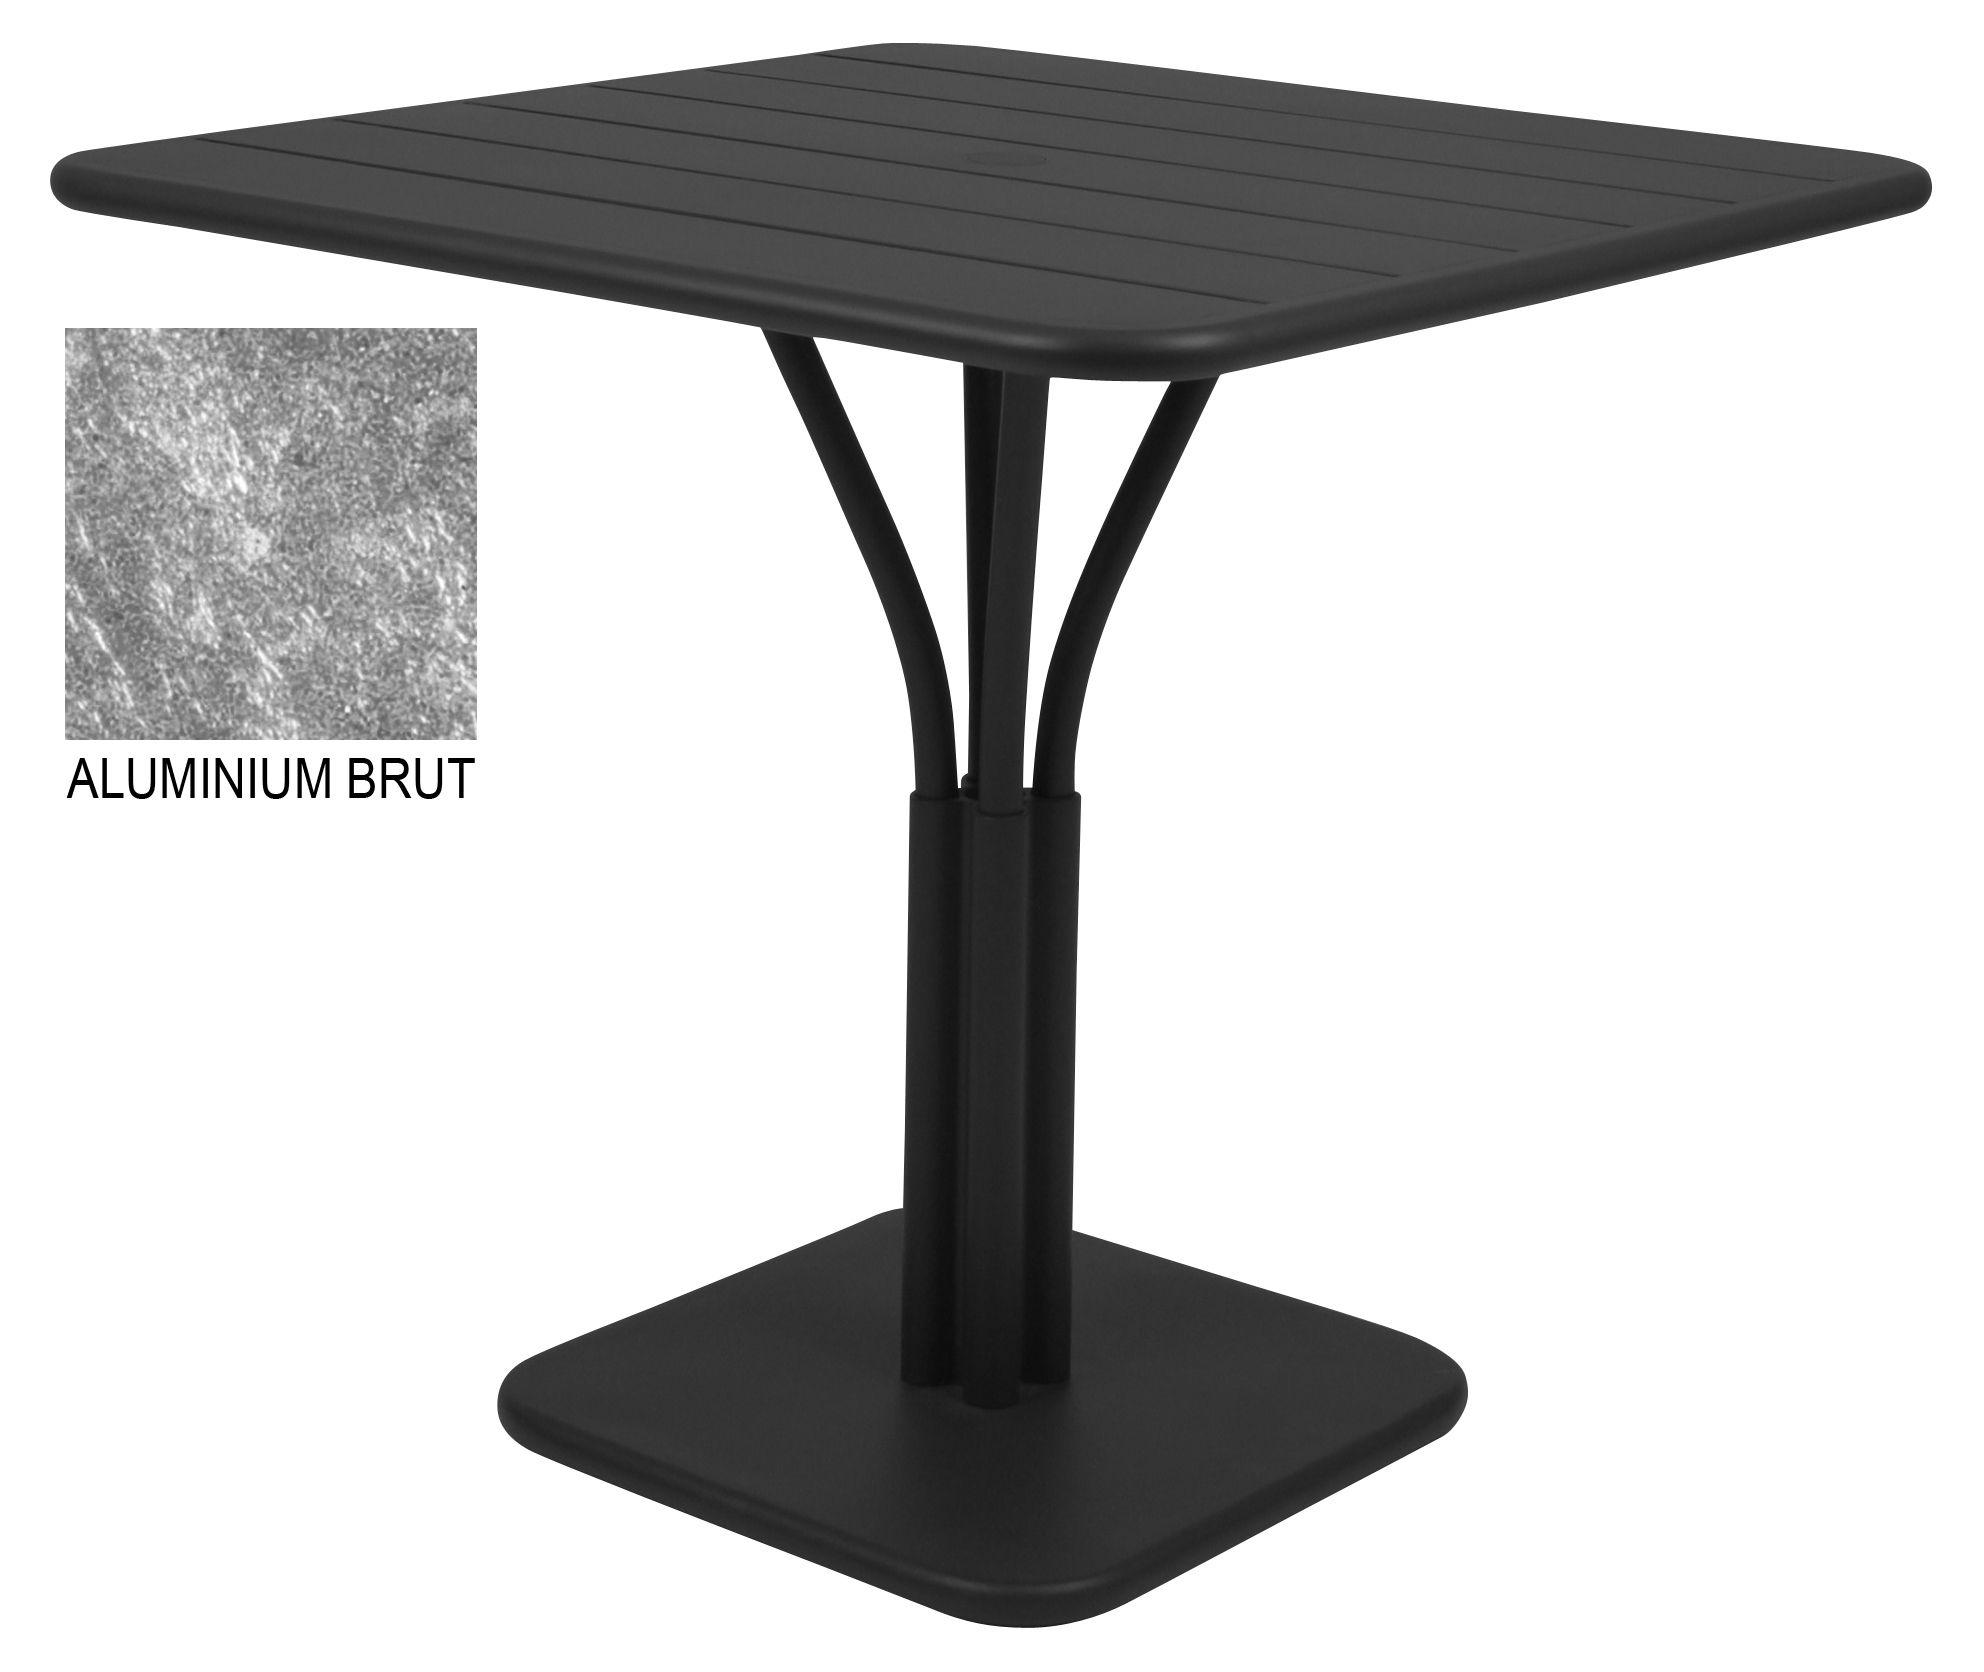 Table de jardin luxembourg brut 80 x 80 cm pied for Tables de jardin fermob